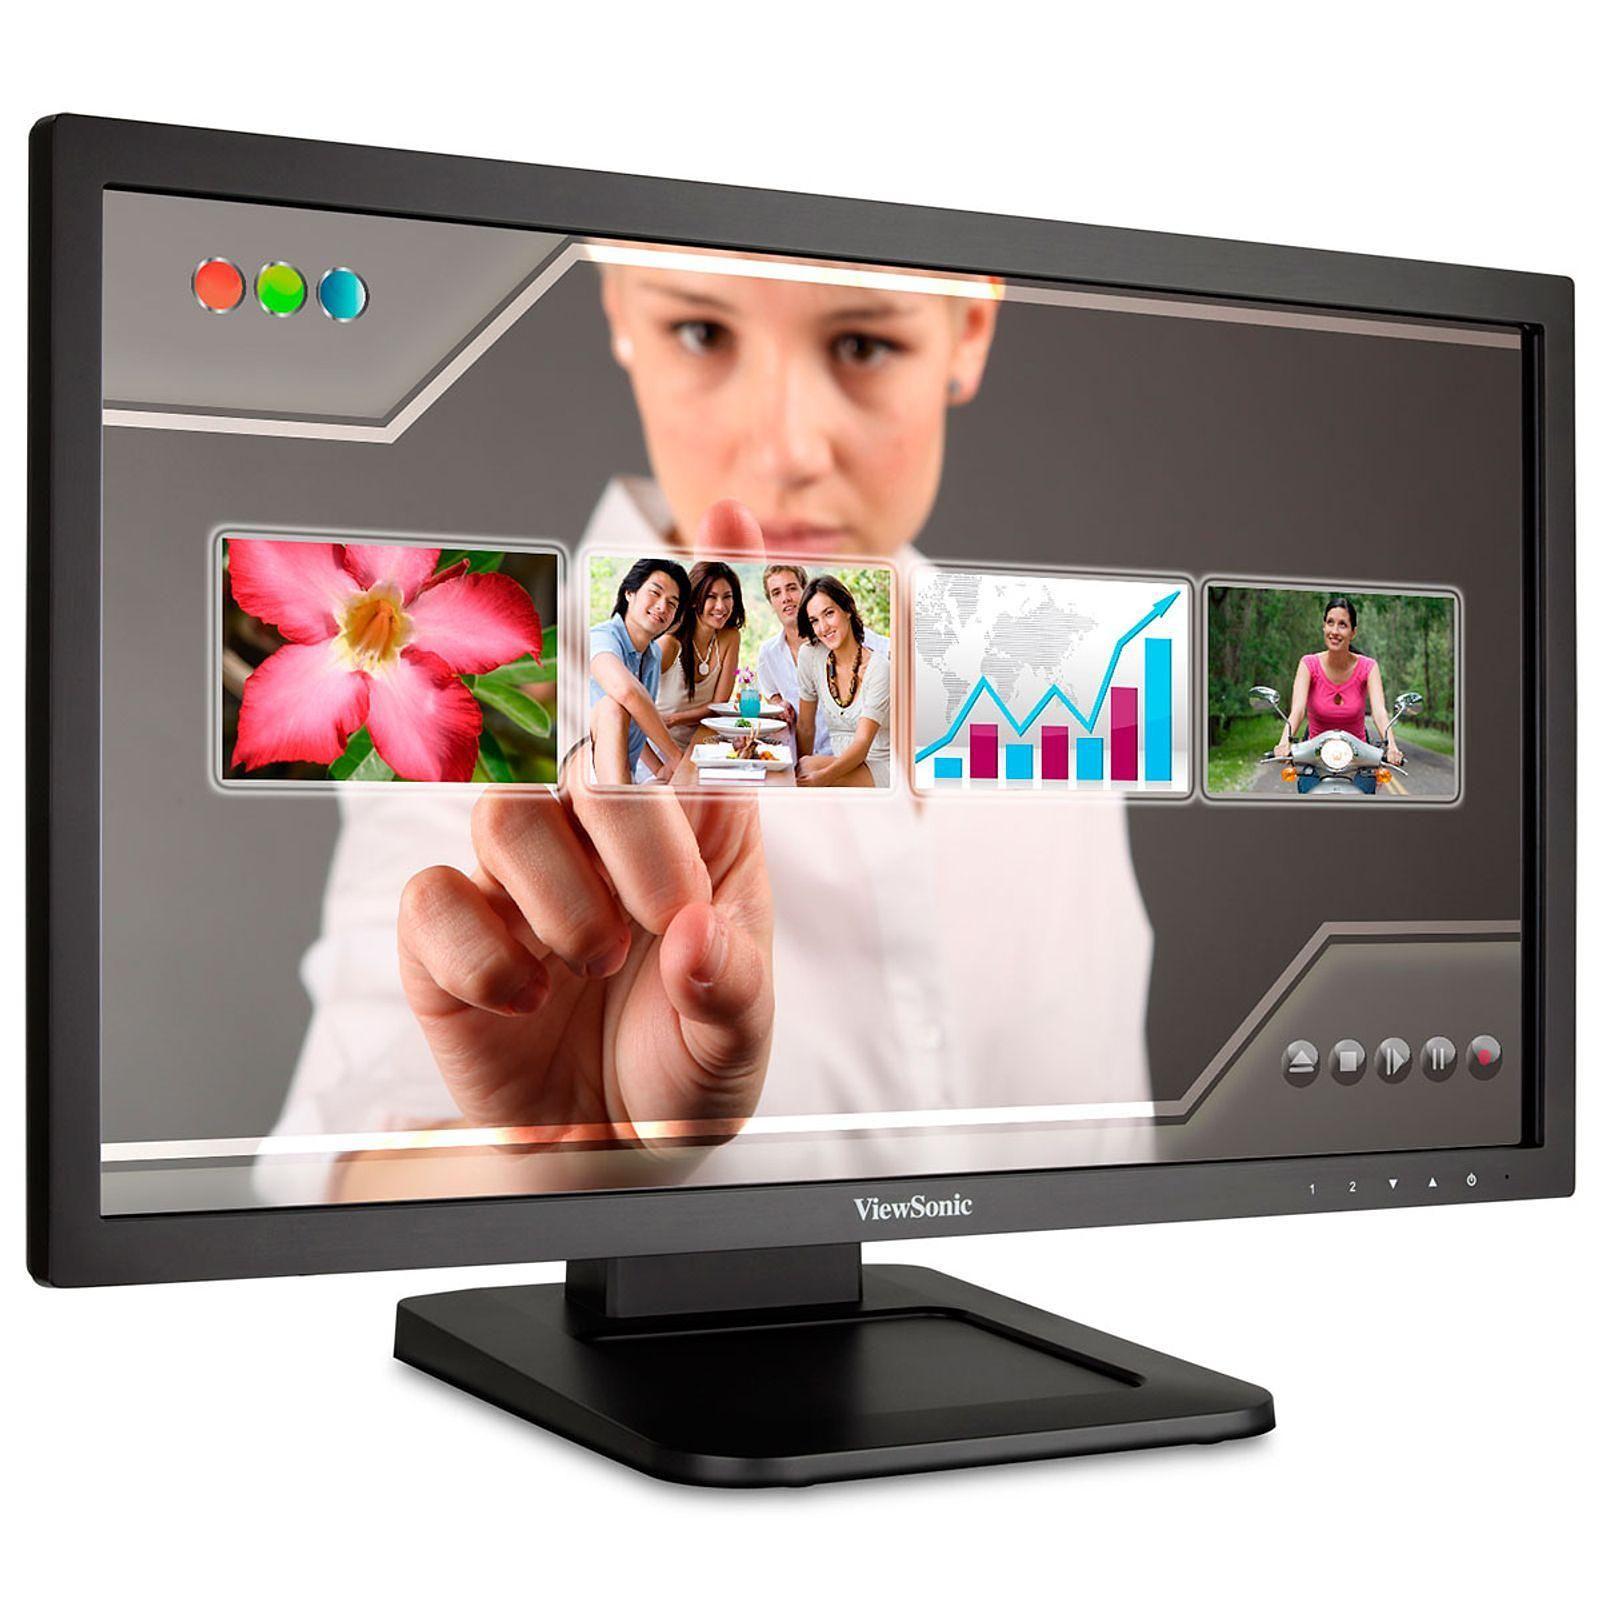 Ecran Moniteur LED 22 pouces Tactile Multitouch ViewSonic TD2220-2 Full HD VGA/DVI, Informatique Réunion 974